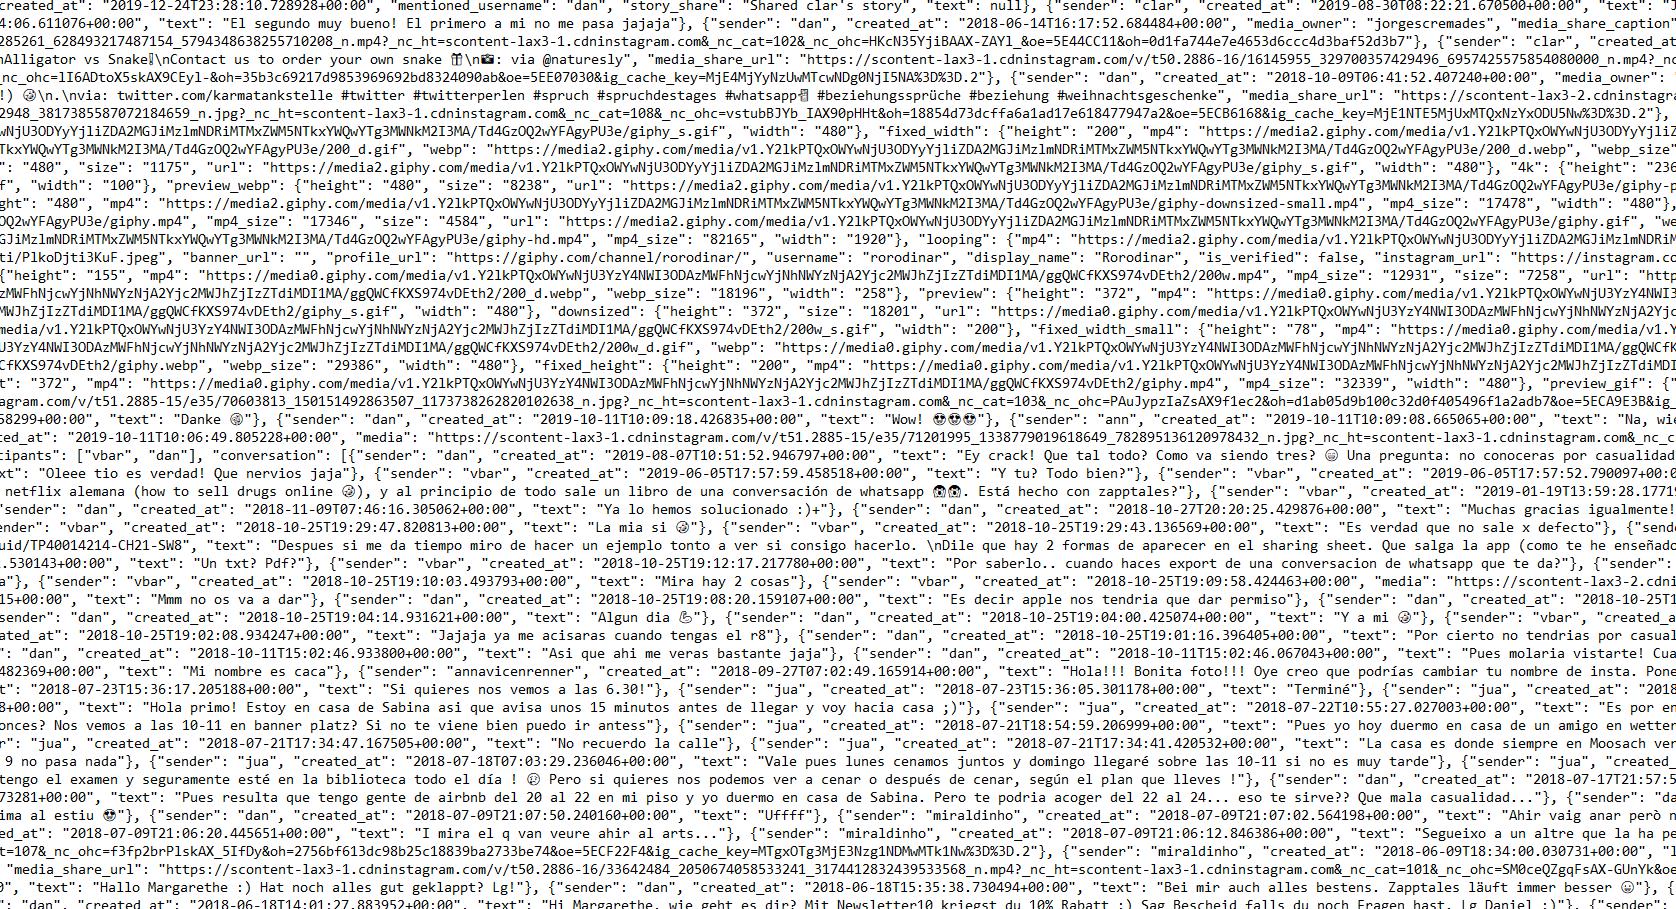 Instagram Chat in einer json-Datei